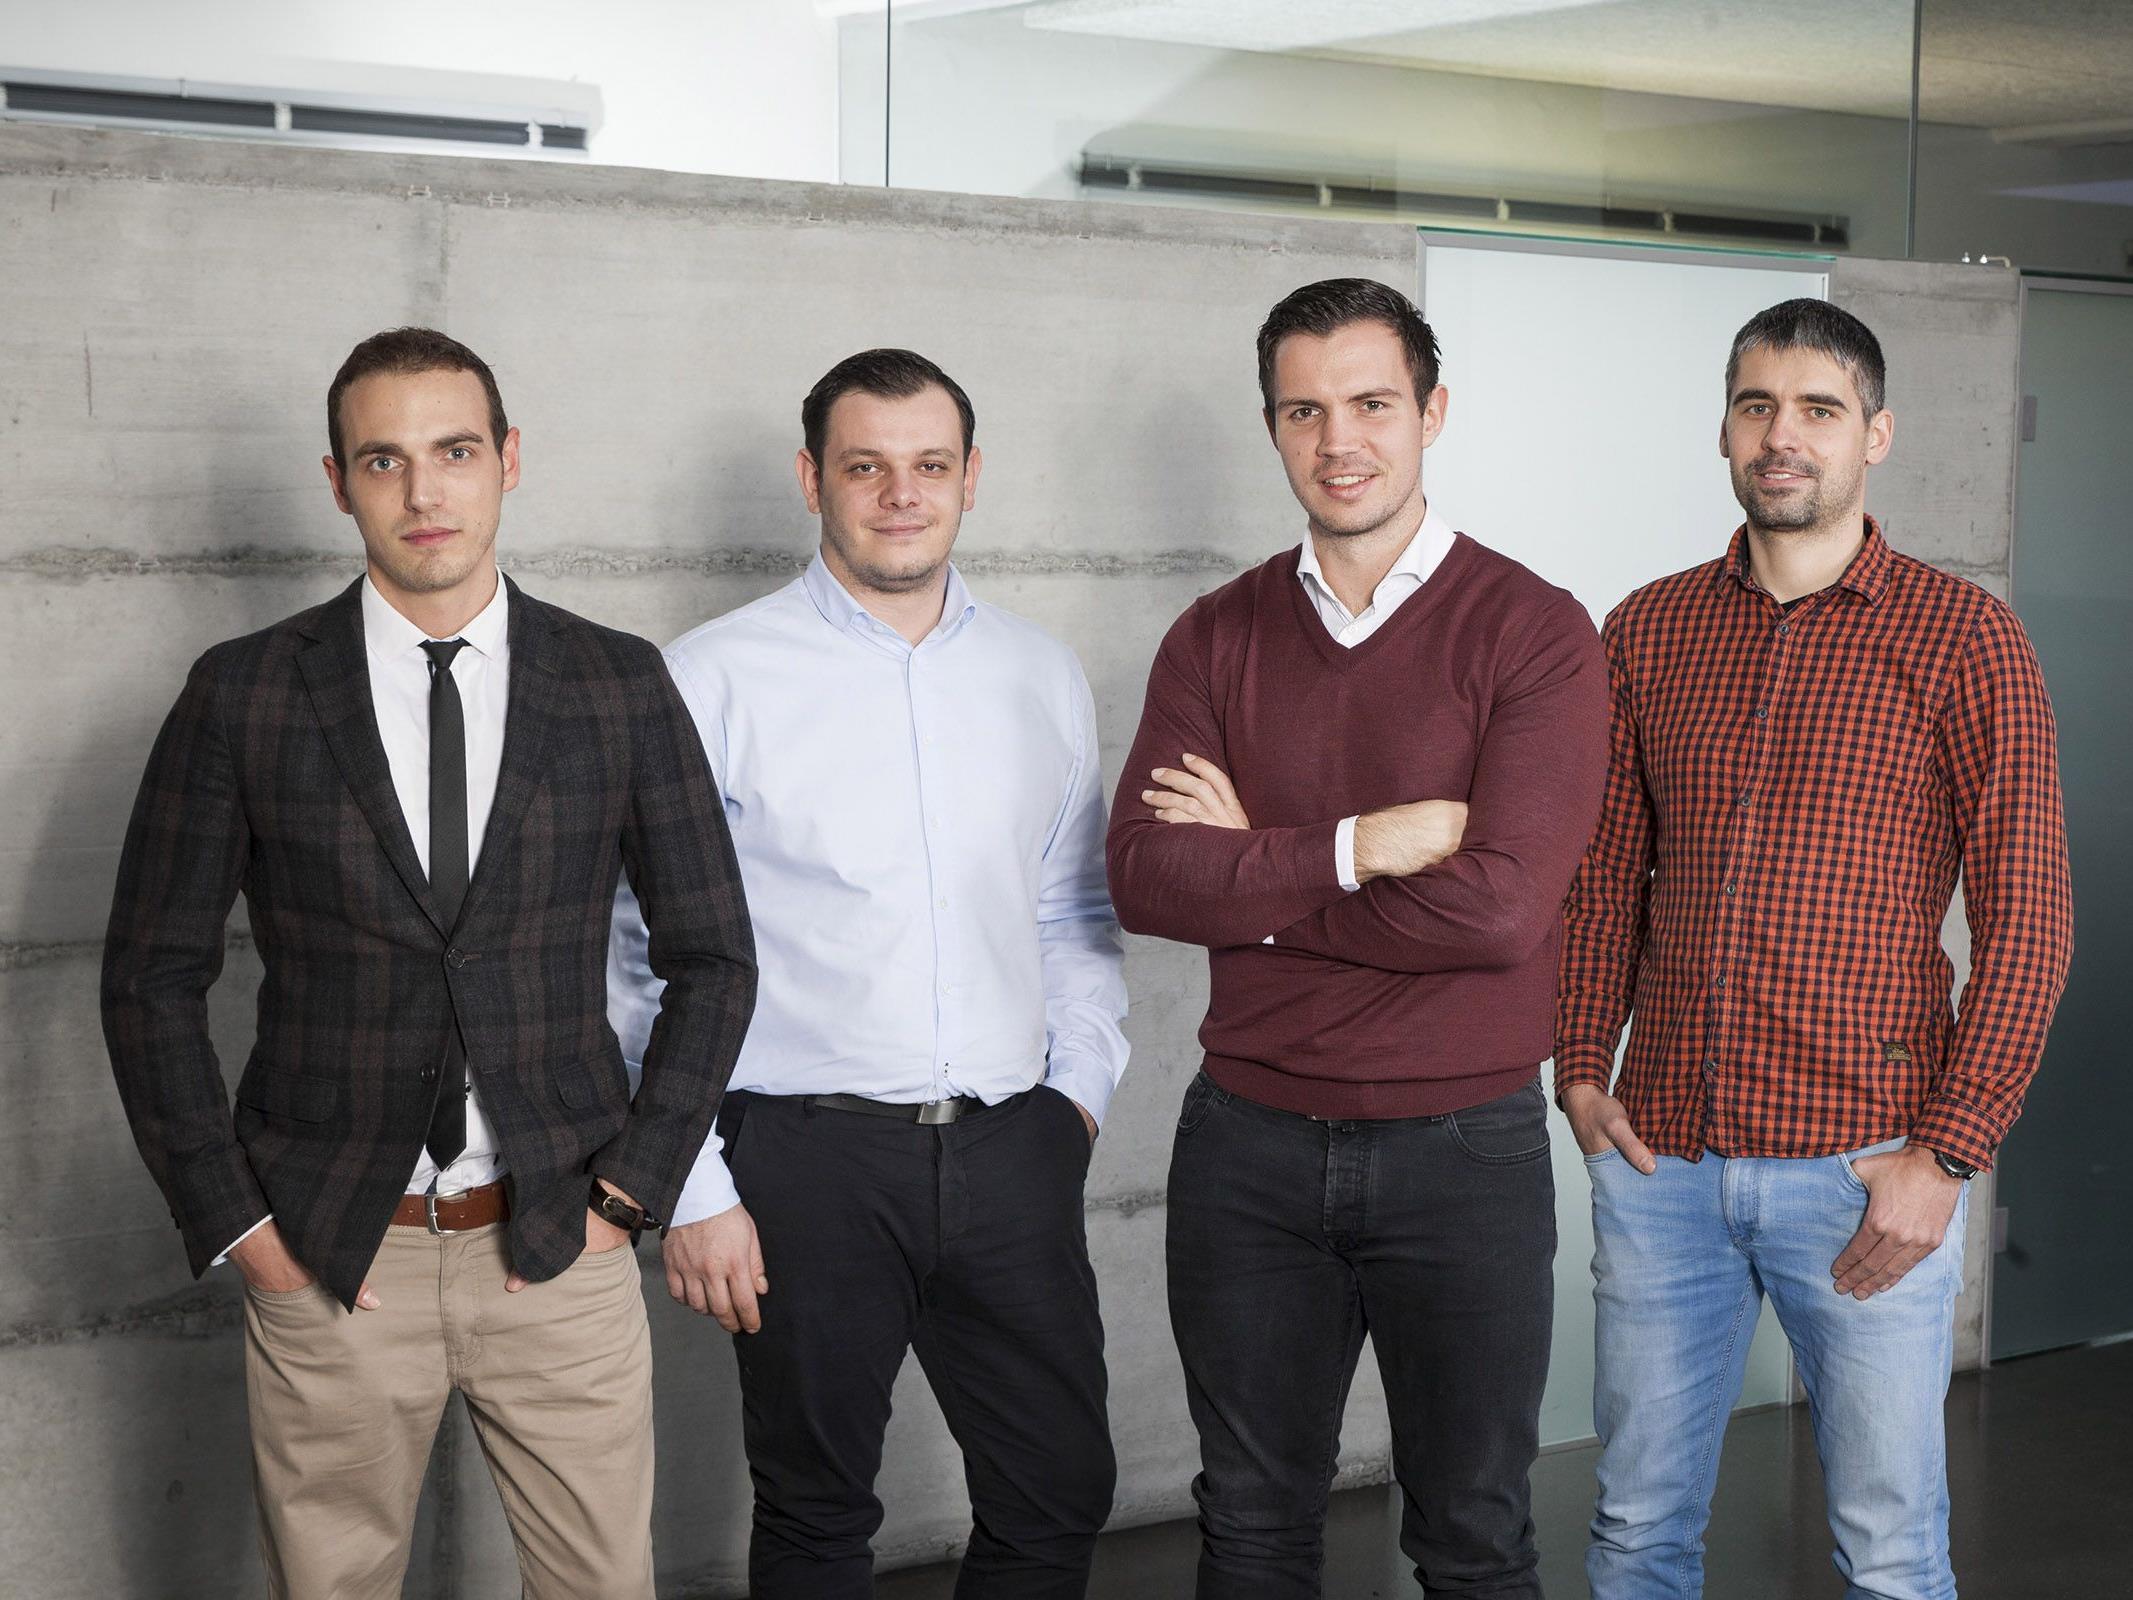 : Das Führungs-Team von TOWA: Matteo Ender (Creative Director), Marko Tovilo (Geschäftsführer), Florian Wassel (Geschäftsführer) und Benjamin Meier (Leiter Entwicklung - v.l.).